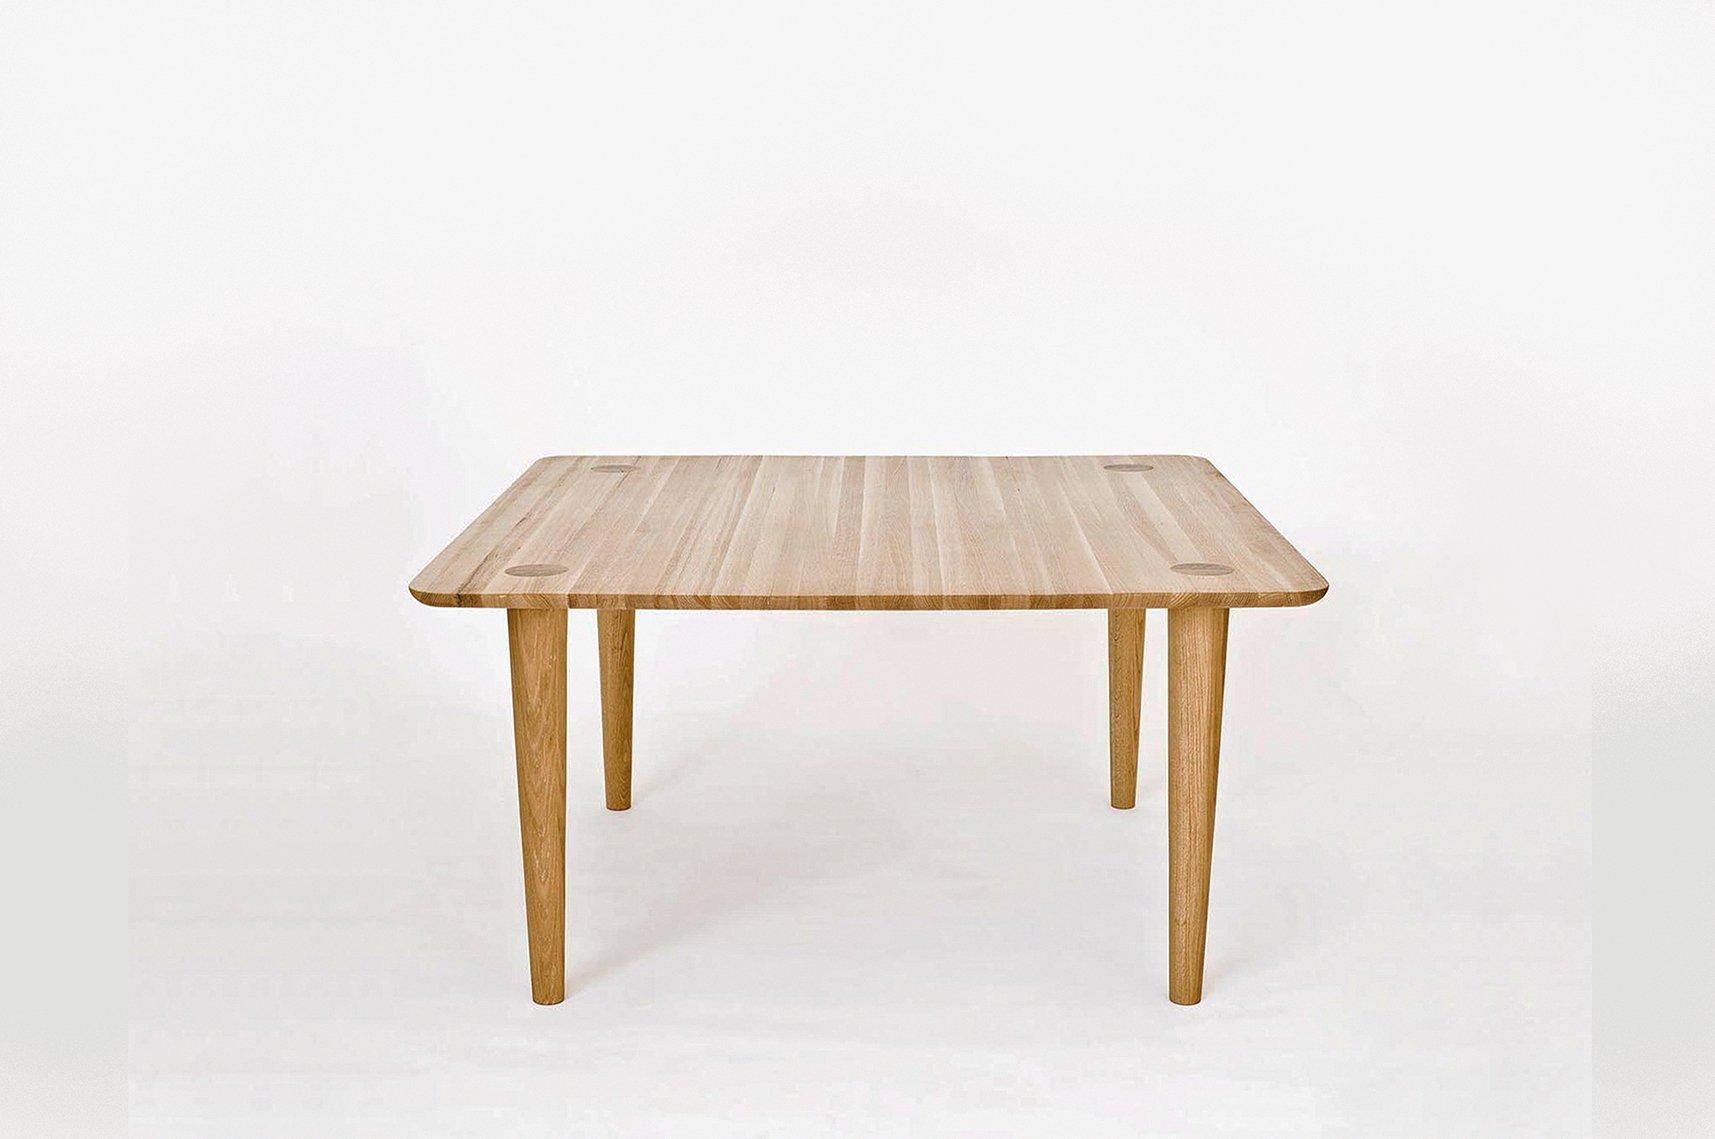 Quadratischer Kalahari Tisch von Claesson Koivisto Rune